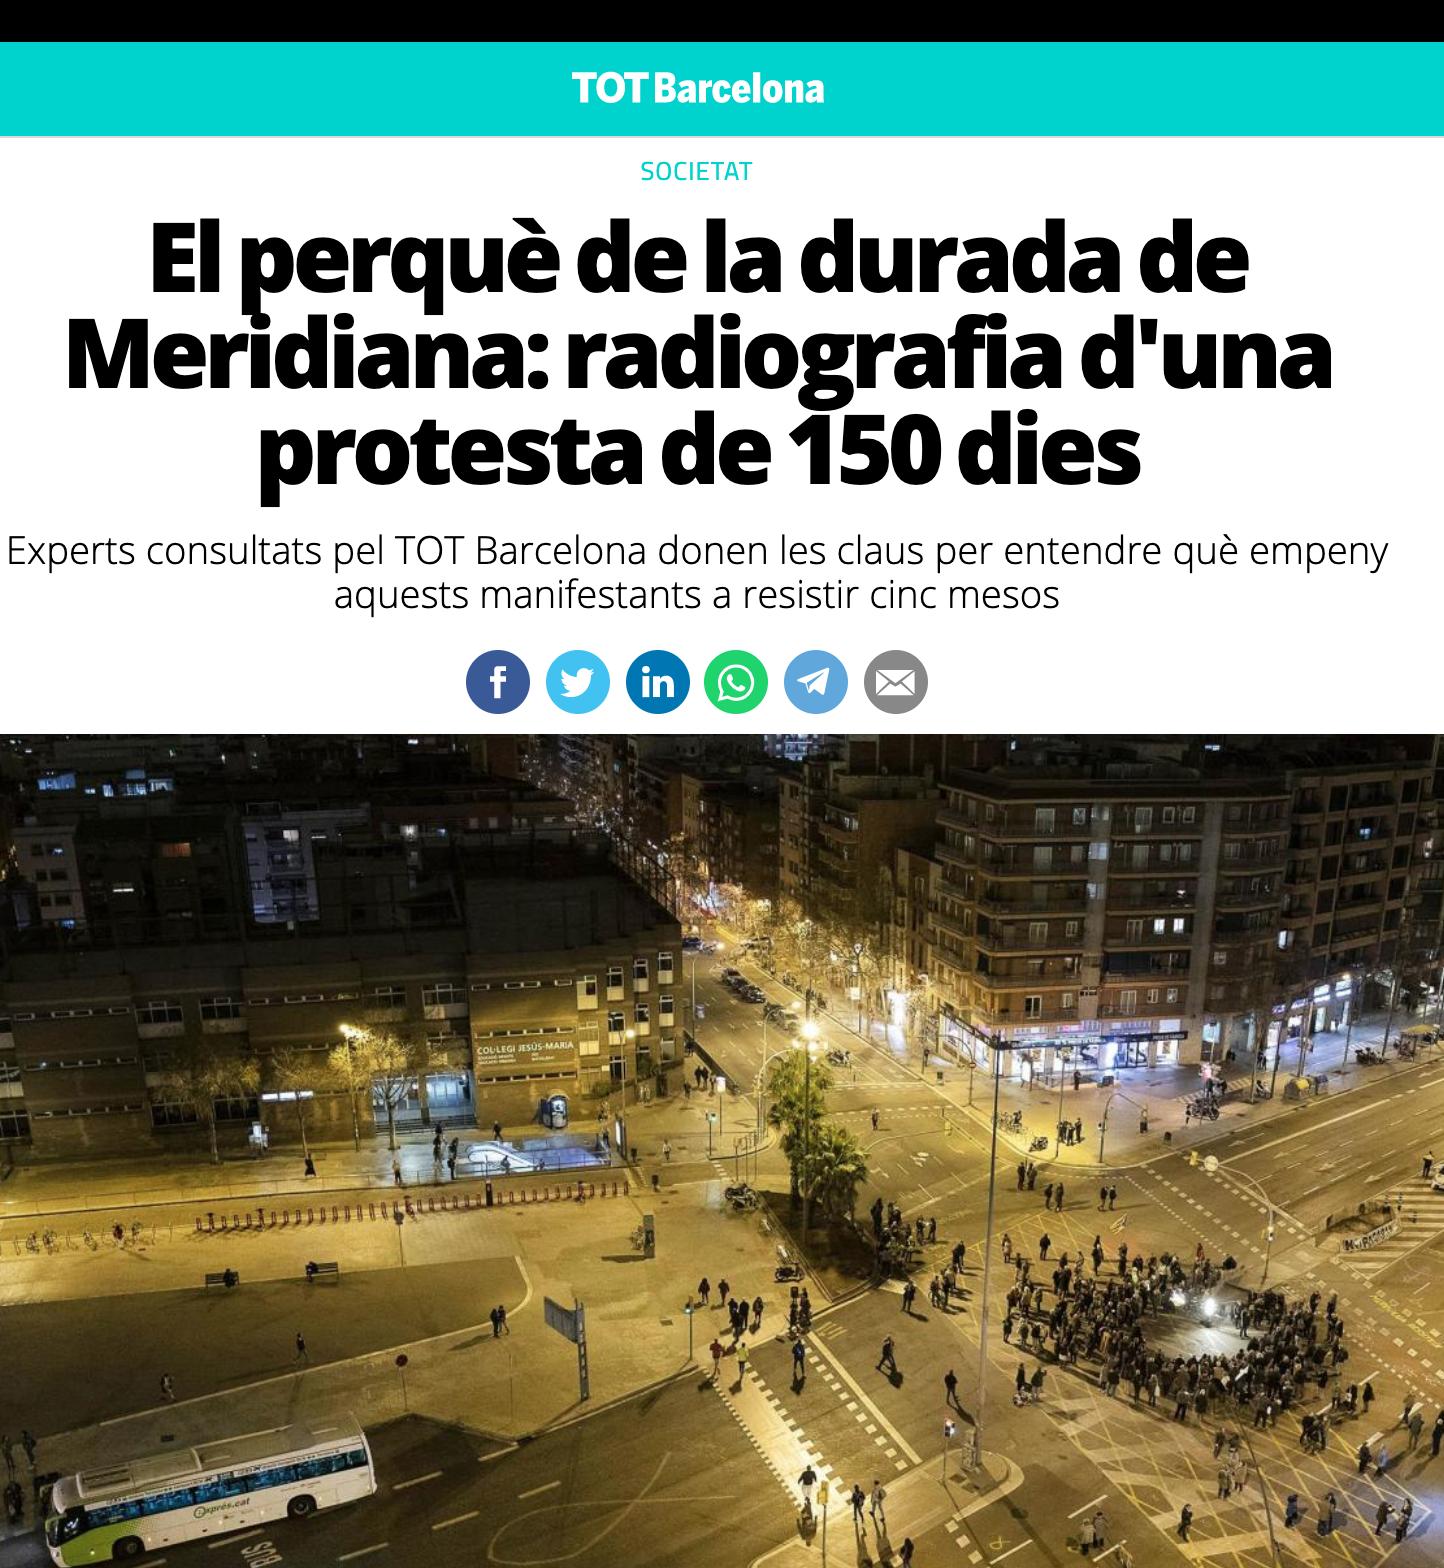 El perquè de la durada de Meridiana: radiografia d'una protesta de 150 dies